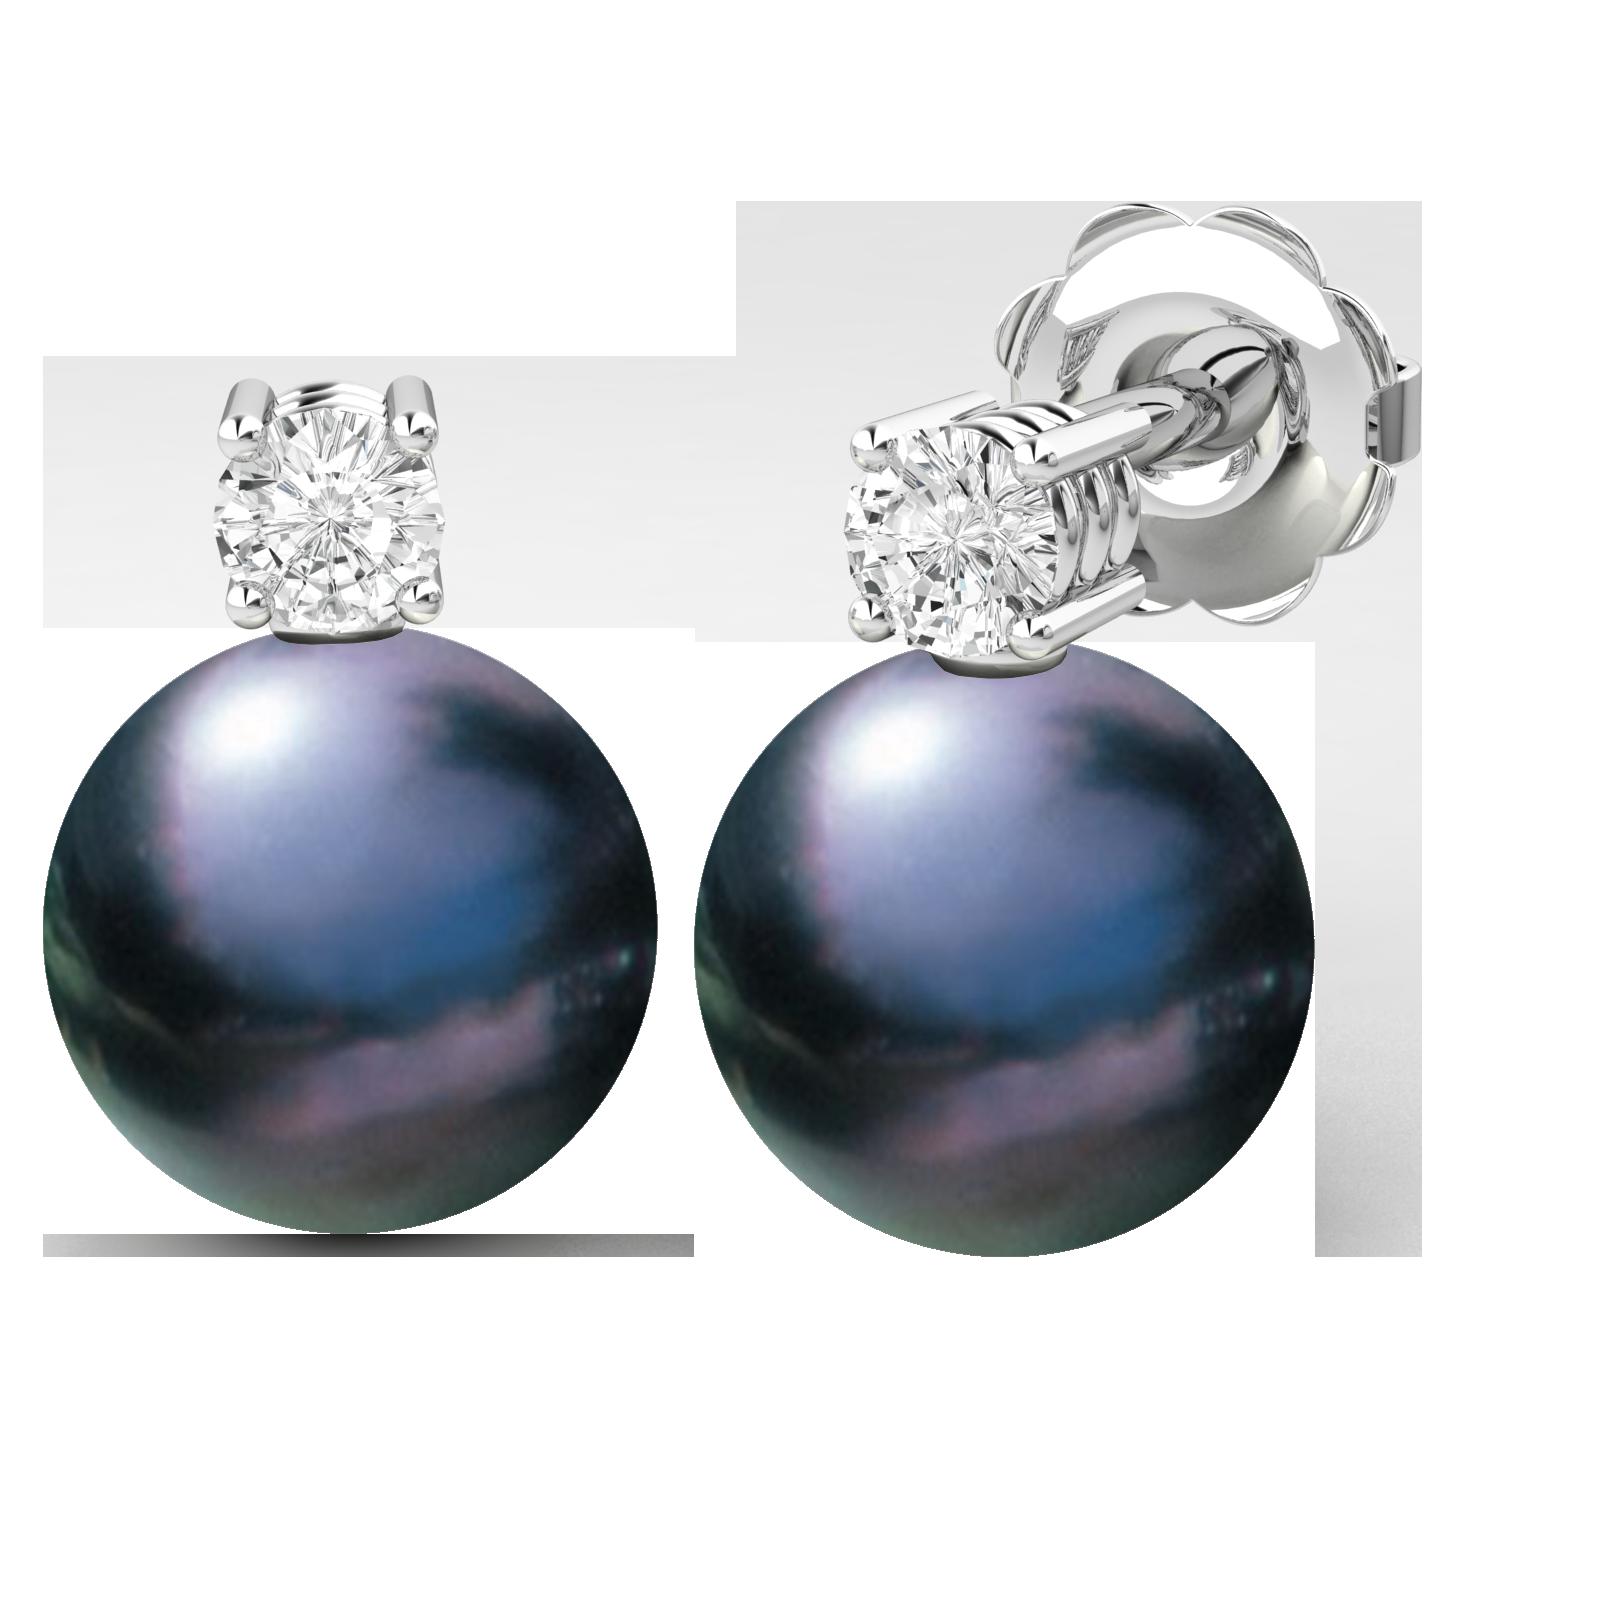 Cercei Aur Alb 18kt cu Perle Negre de 8mm si Briliante Rotunde Sclipitoare-img1